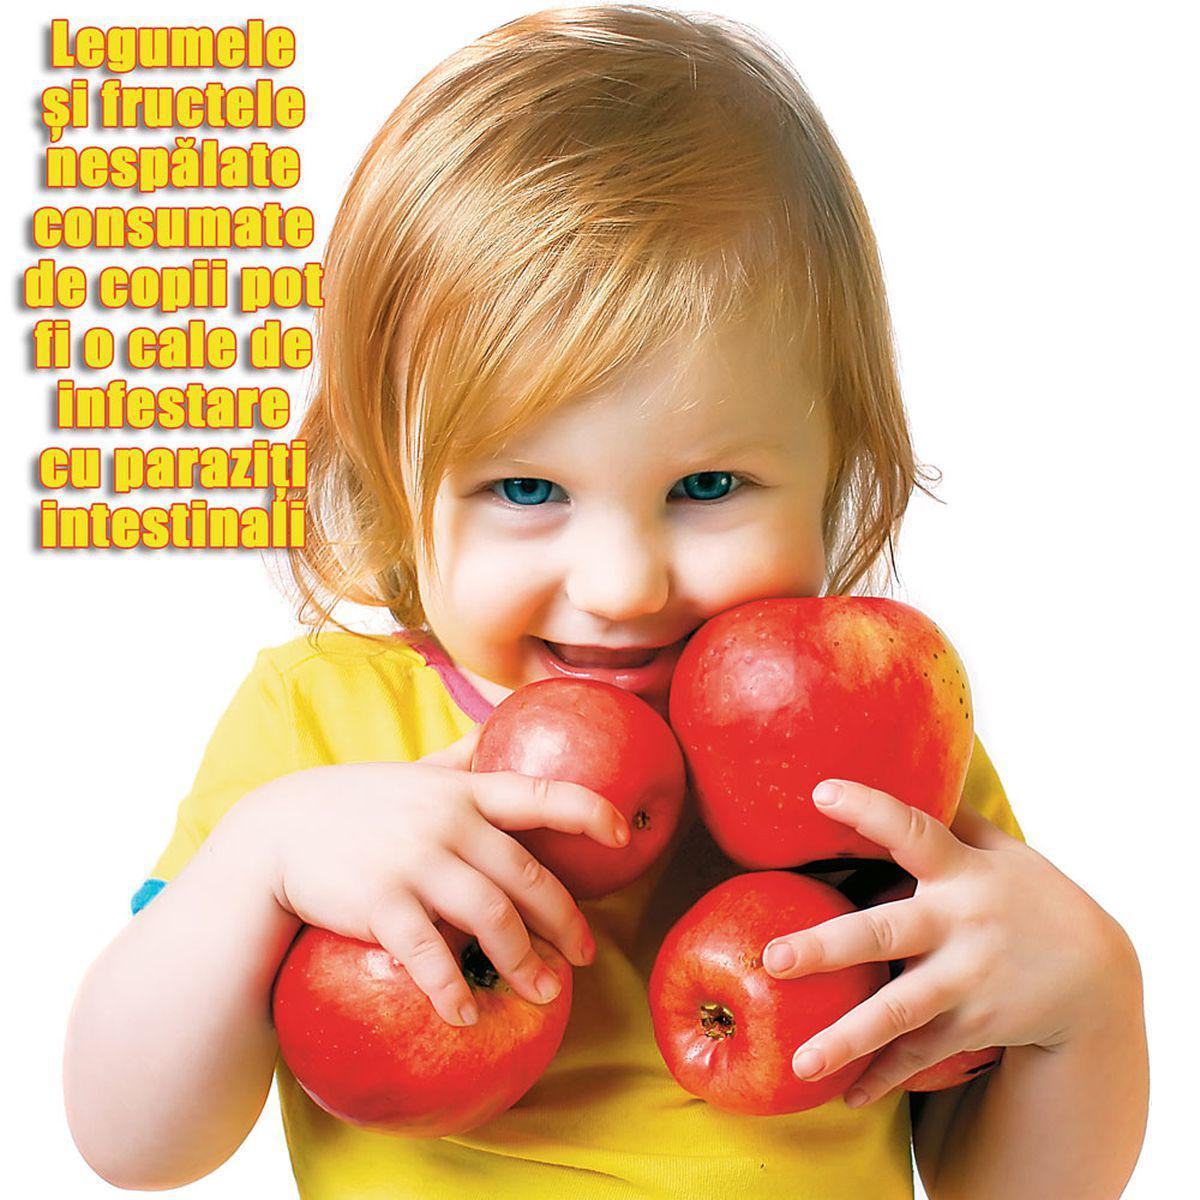 Cele mai bune medicamente naturiste pt. tratamentul paraziților intestinali | divastudio.ro